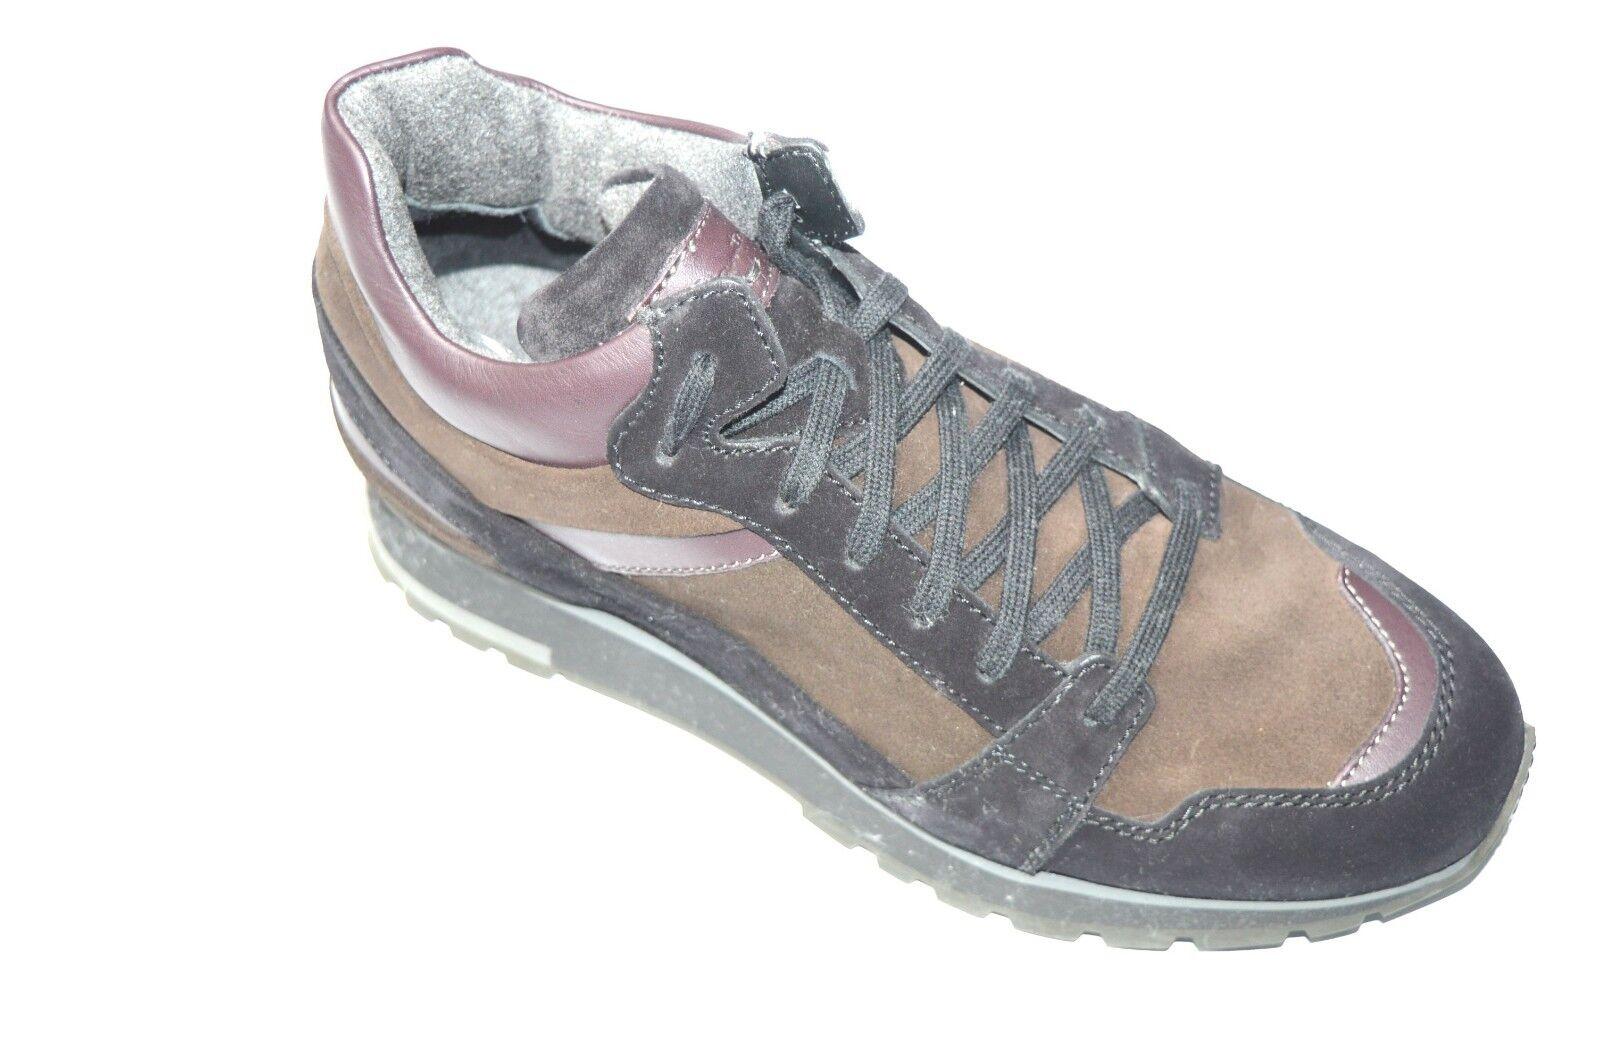 NEW SANTONI Leather Snikers schuhe Casual Sport Größe Größe Größe Eu 40 Uk 6 Us 7 (NE1) 4f5893